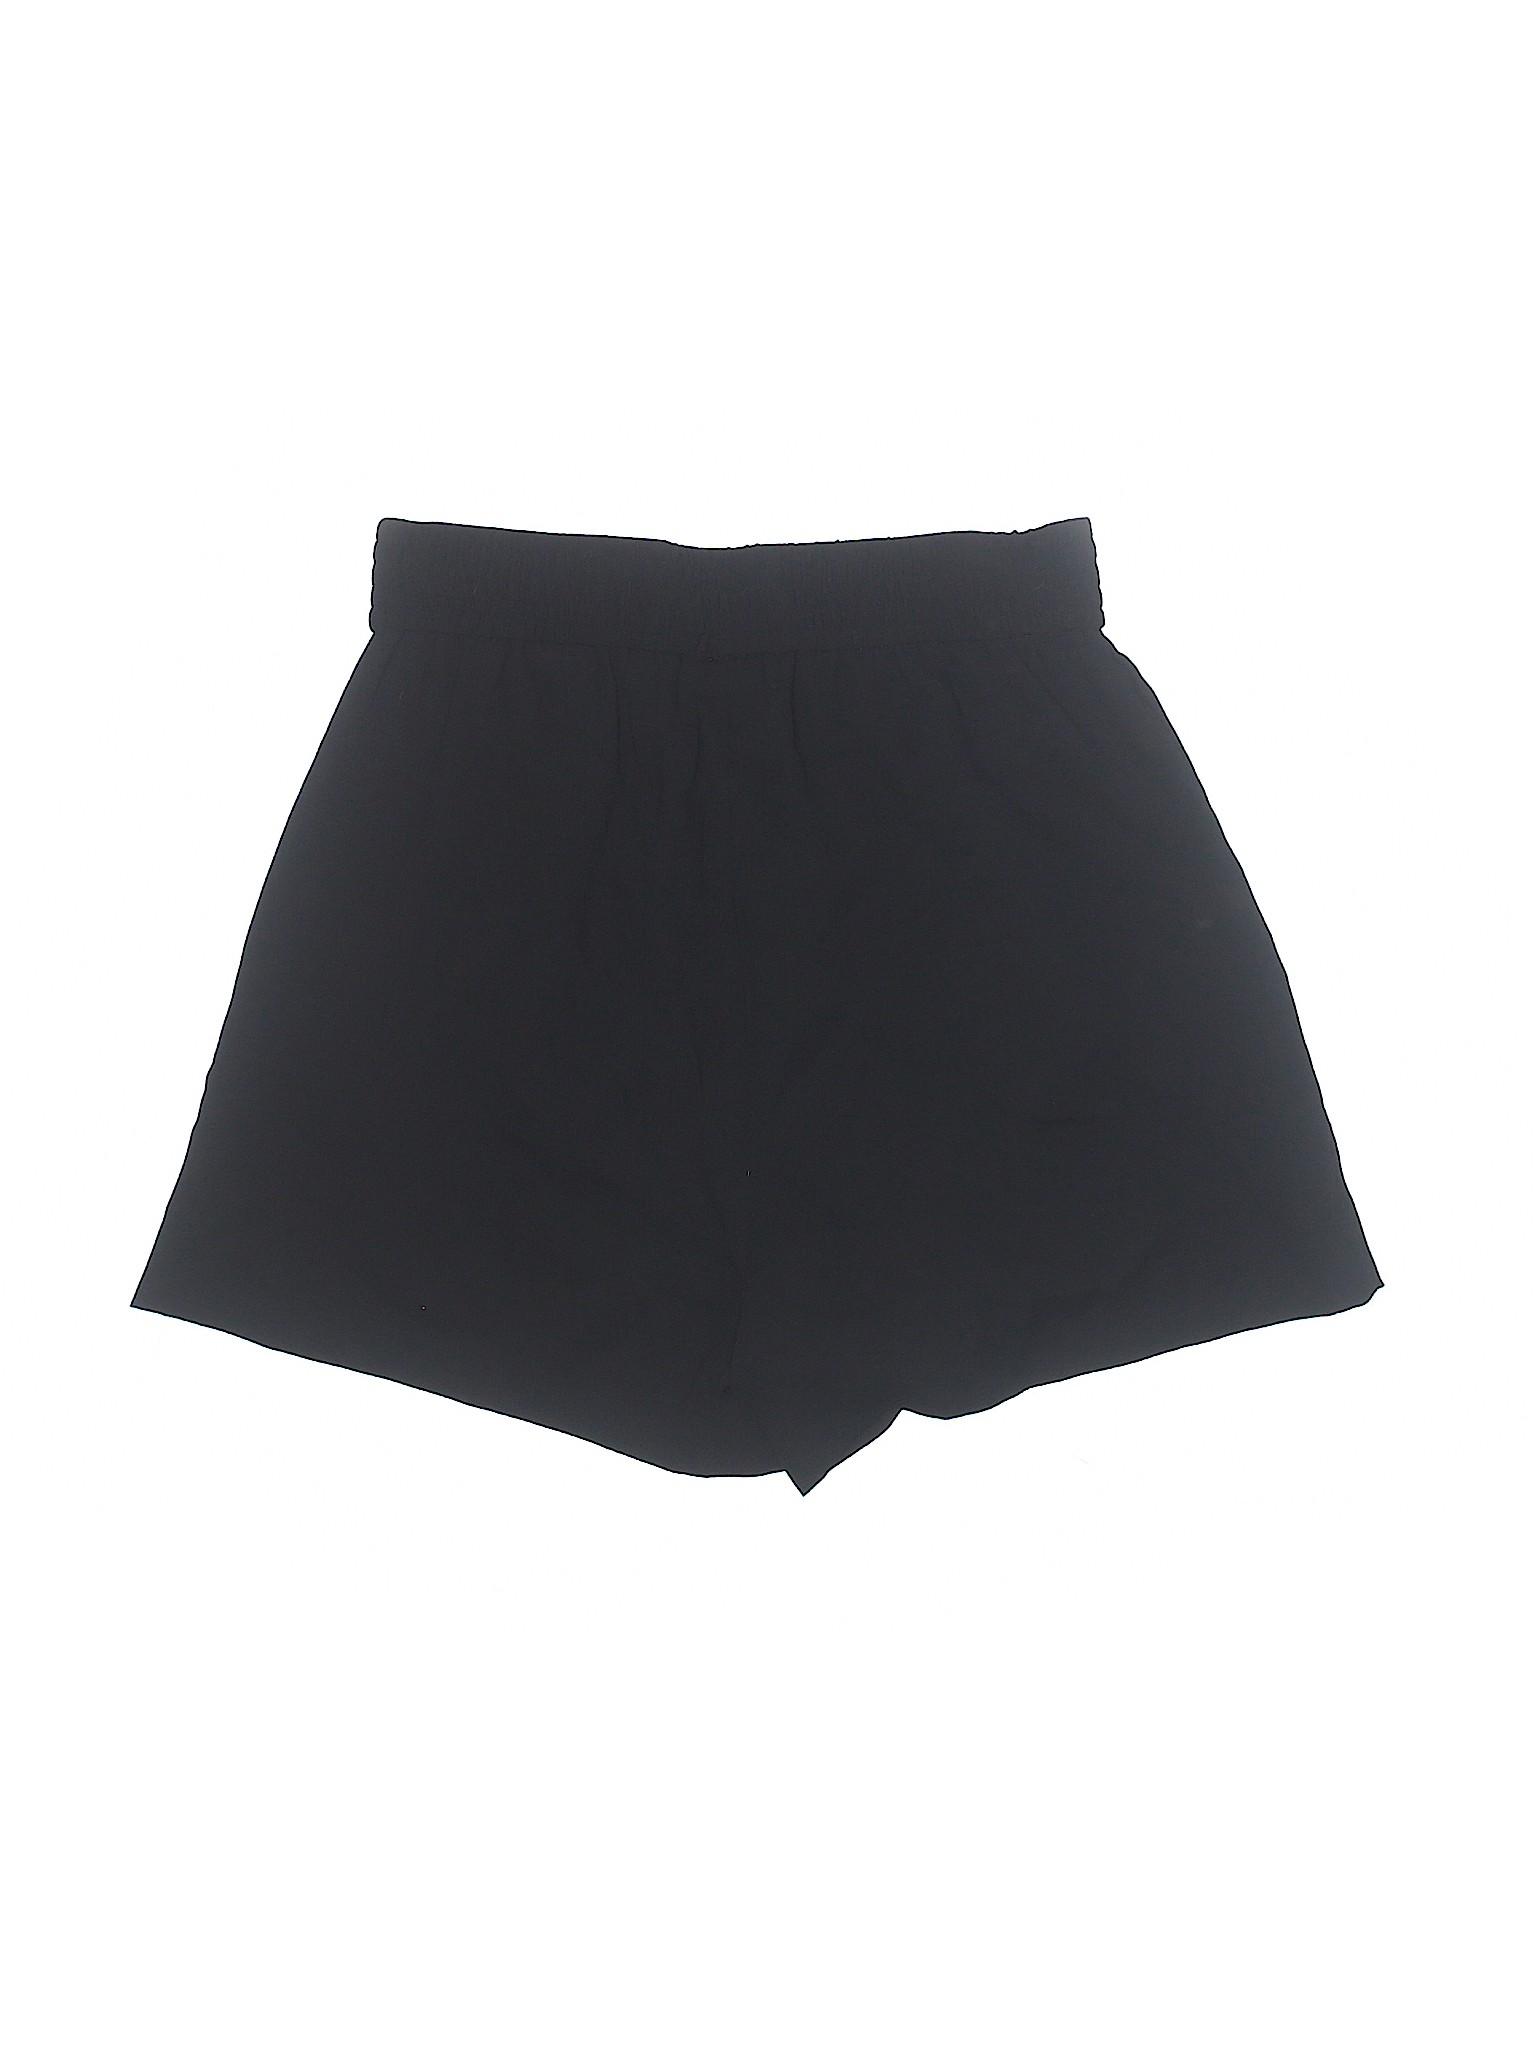 Shorts Boutique H Boutique amp;M amp;M Shorts Boutique H R7HWq